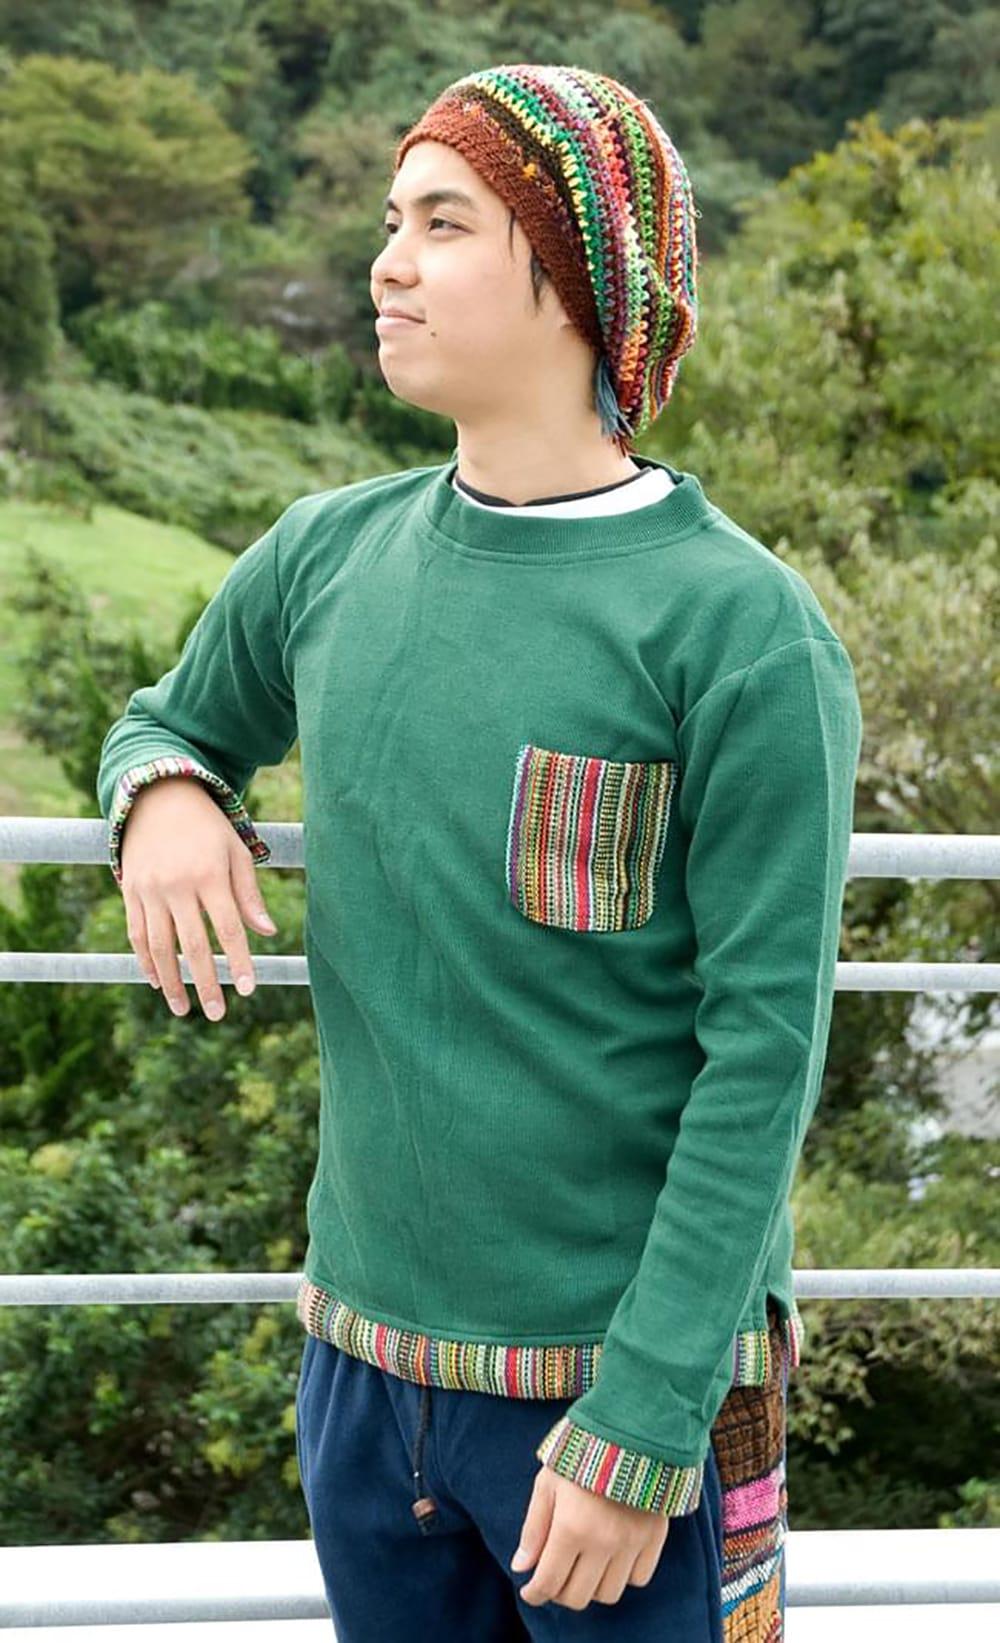 ゲリポケットの長袖コットンリブTシャツ 4 - 170cmのスタッフが着てみました。